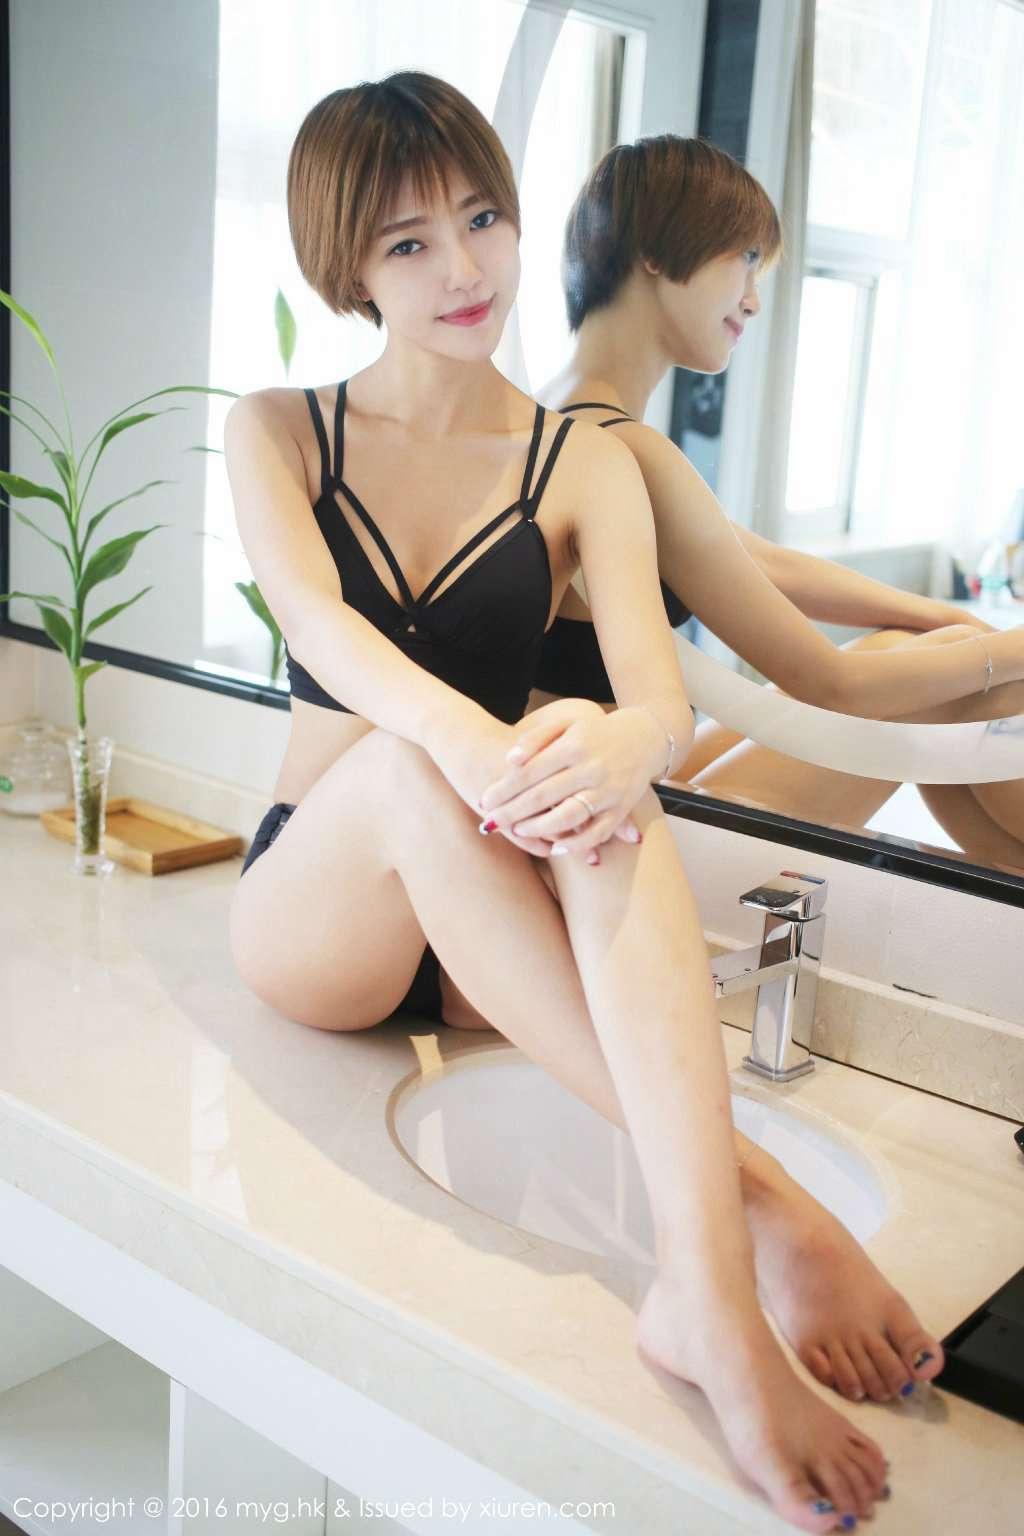 短发内衣美女洗手池台上玩性感